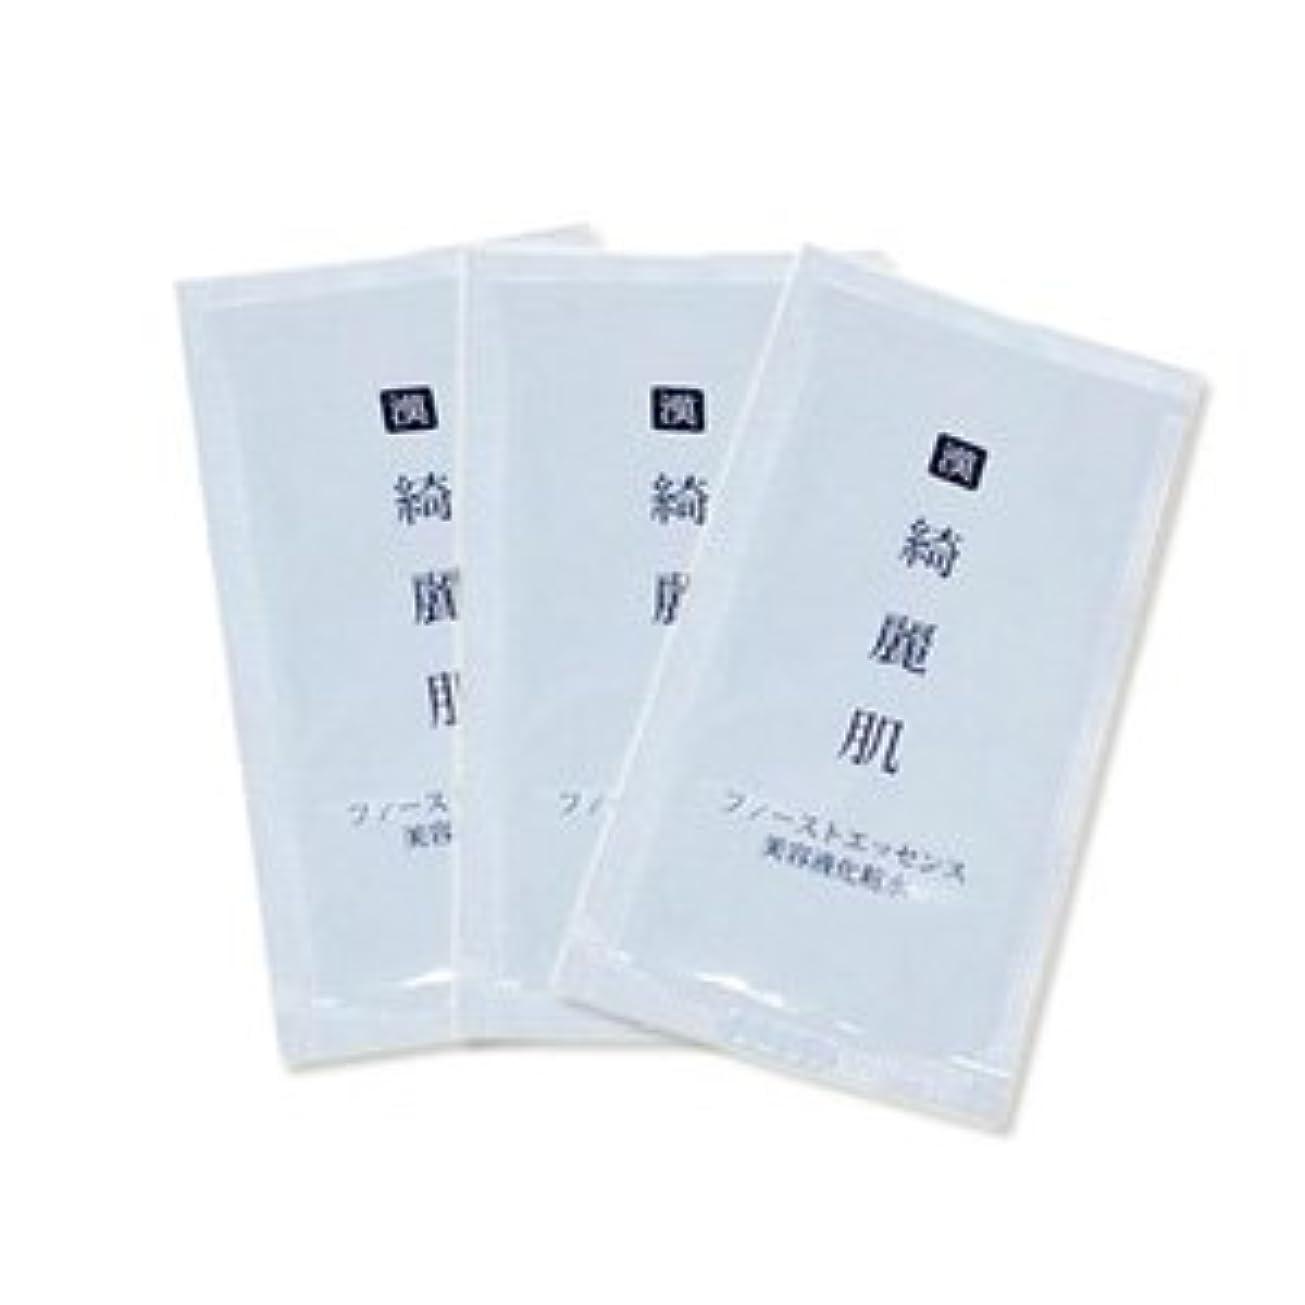 振幅サーマル言い訳ファーストエッセンス 美容液化粧水 3ml×3枚